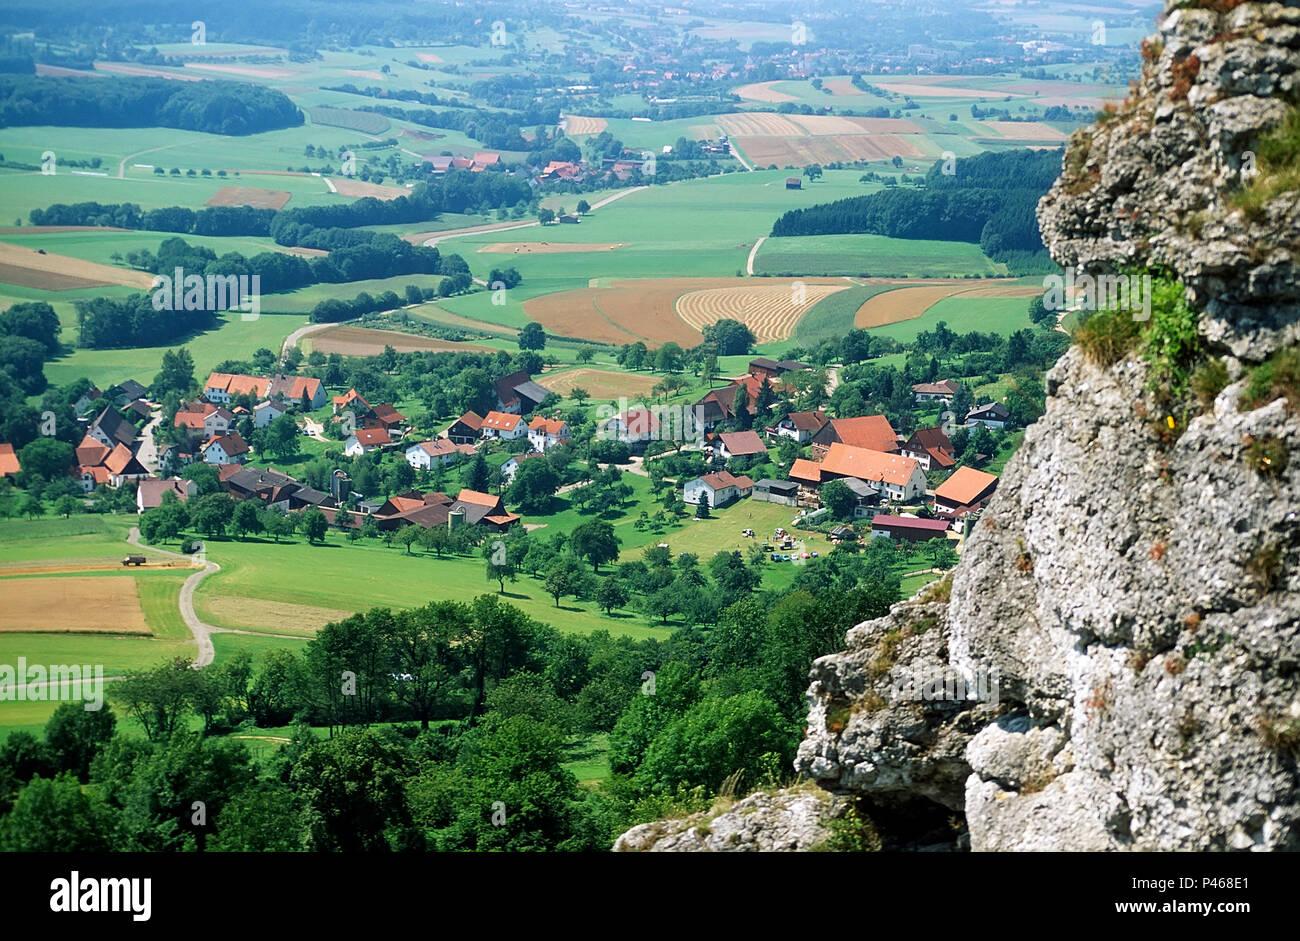 Das Dorf Beuren in Esslingen, Baden Wurttemburg in Süddeutschland Stockbild